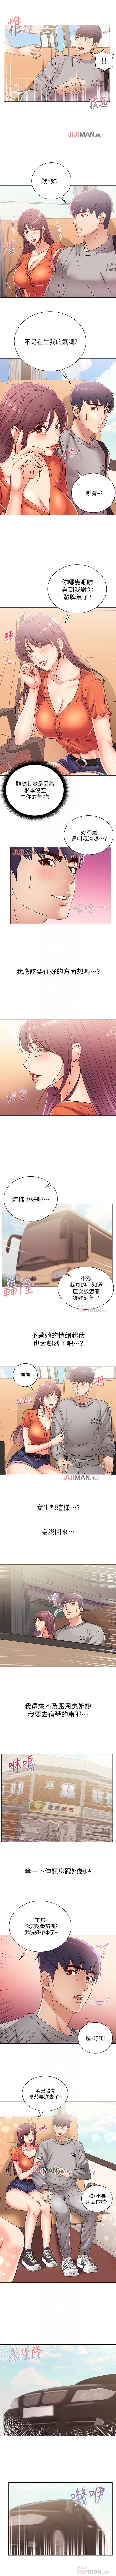 【周三连载】超市的漂亮姐姐(作者:北鼻&逃兵) 第1~40话 161